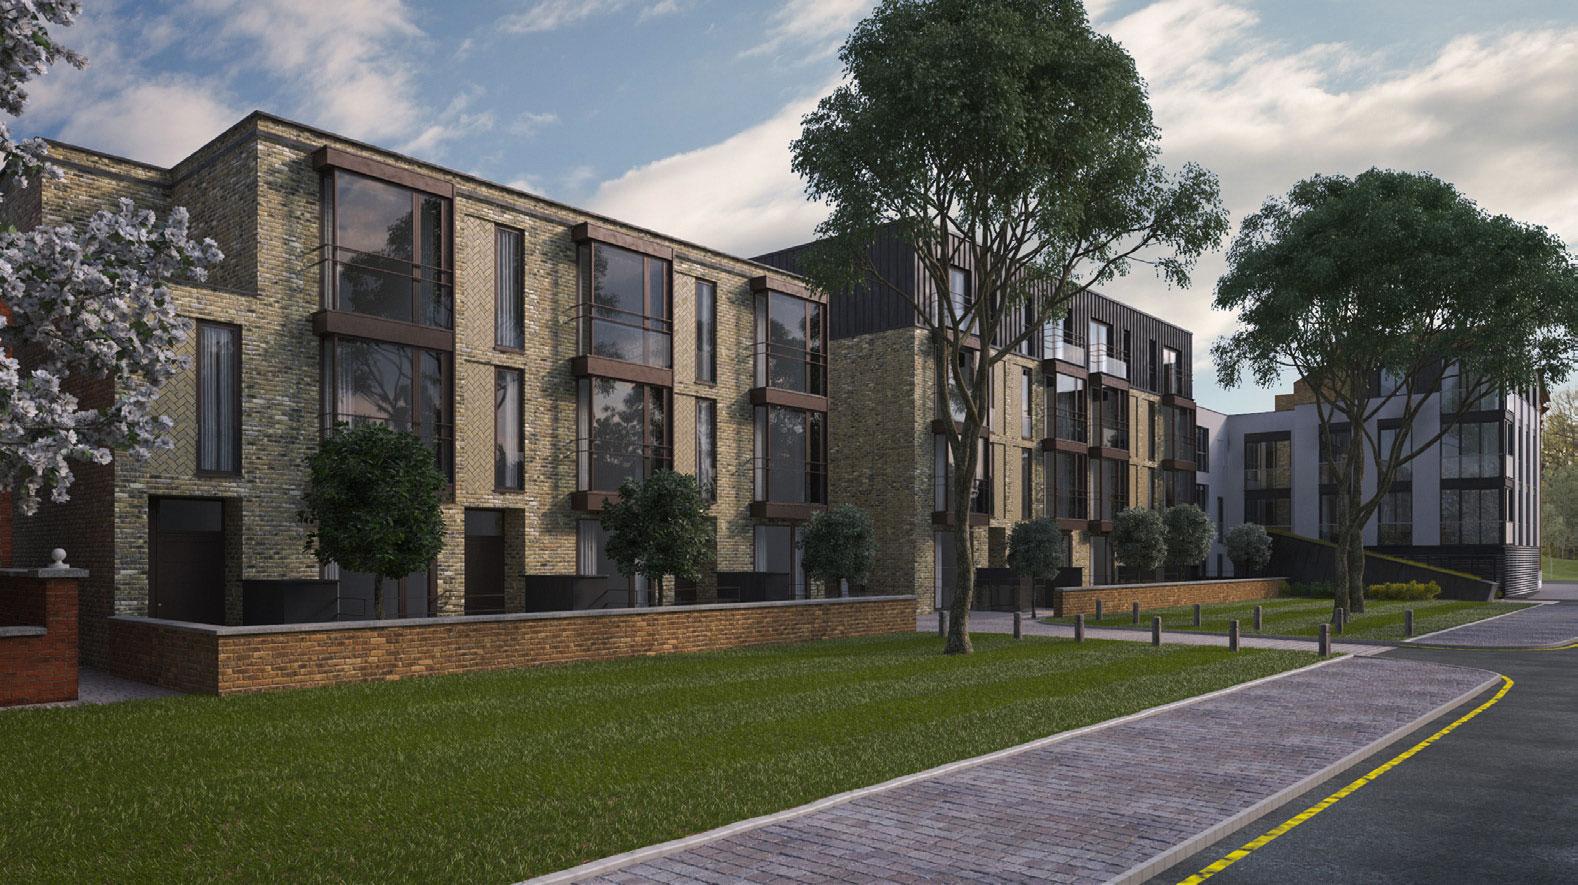 Bolingbroke Terrace 1